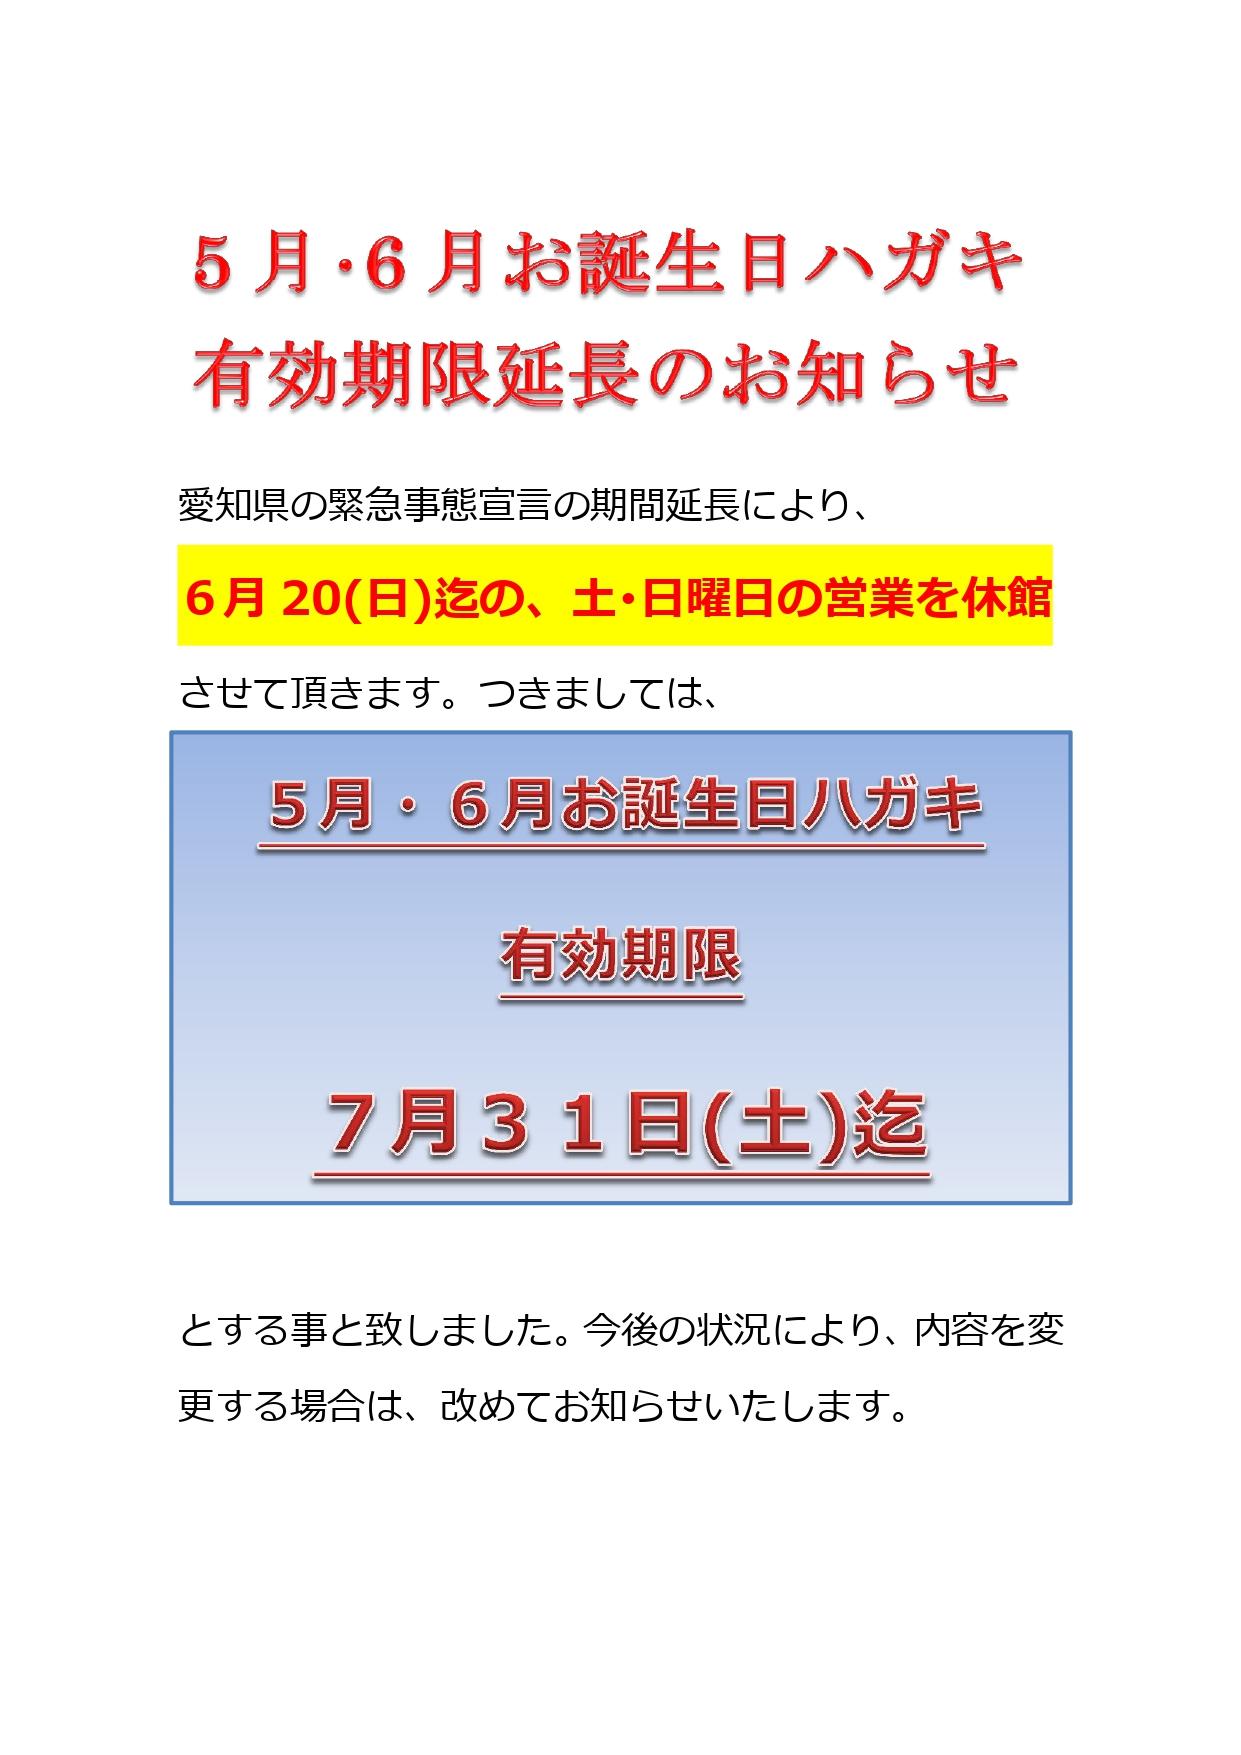 5月・6月会員様 お誕生日ハガキ有効期限延長のお知らせ。